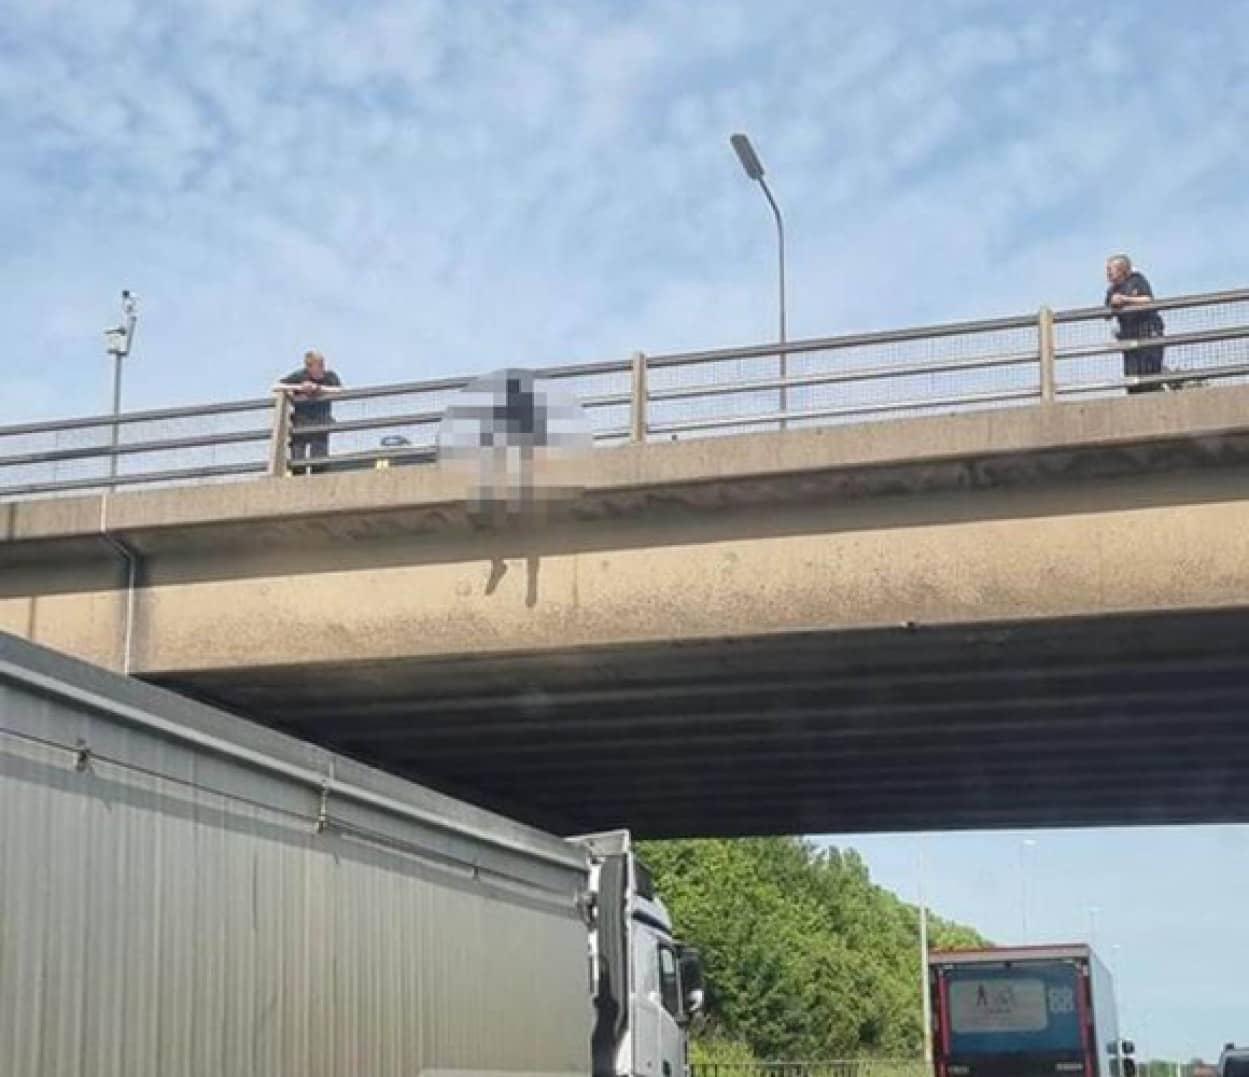 飛び降り自殺をしようとした人を救った見知らぬトラックの運転手